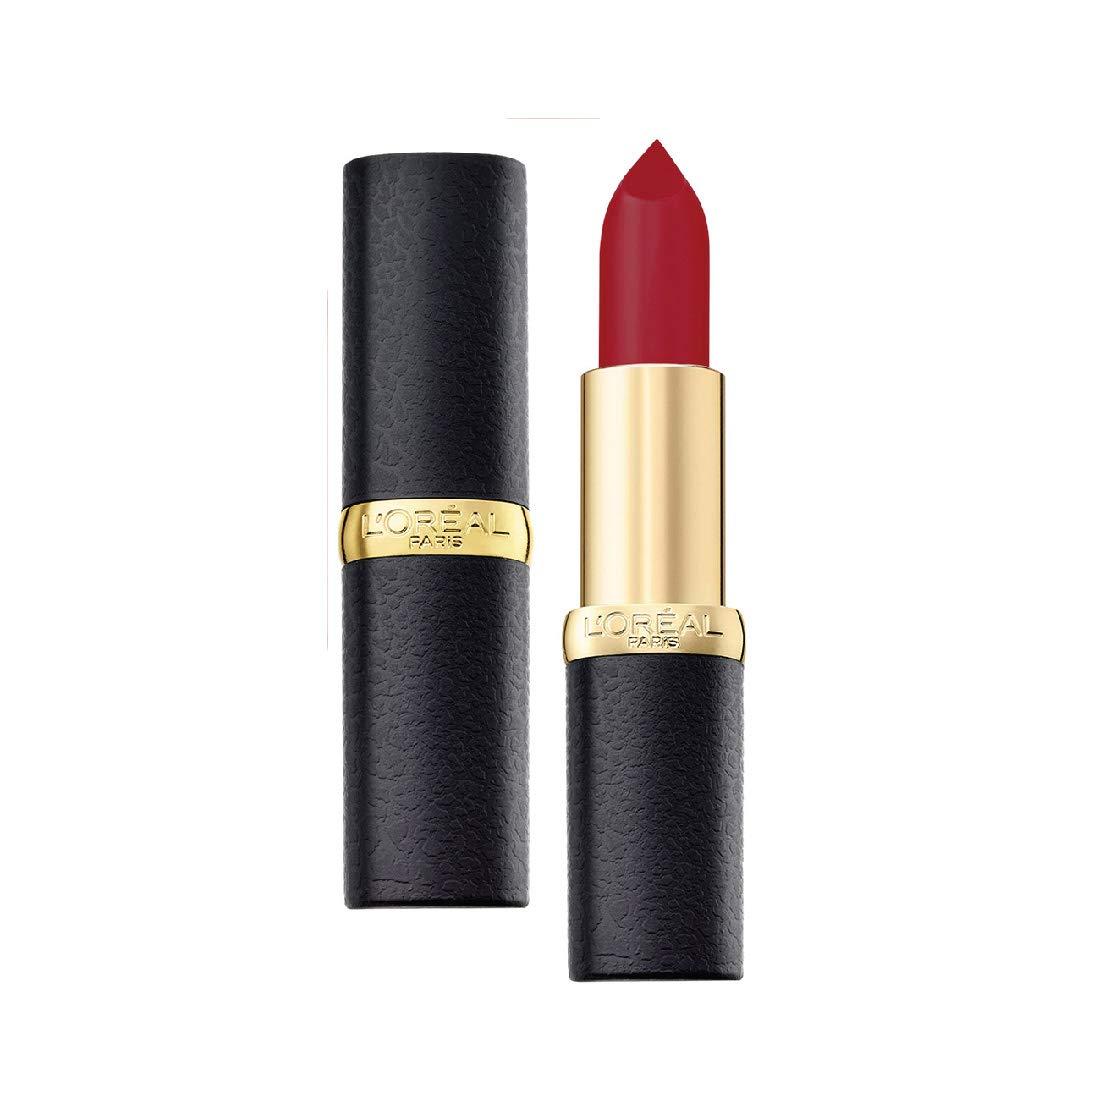 L'Oreal Paris Color Riche Moist Matte Lipstick, 266 Pure Rouge